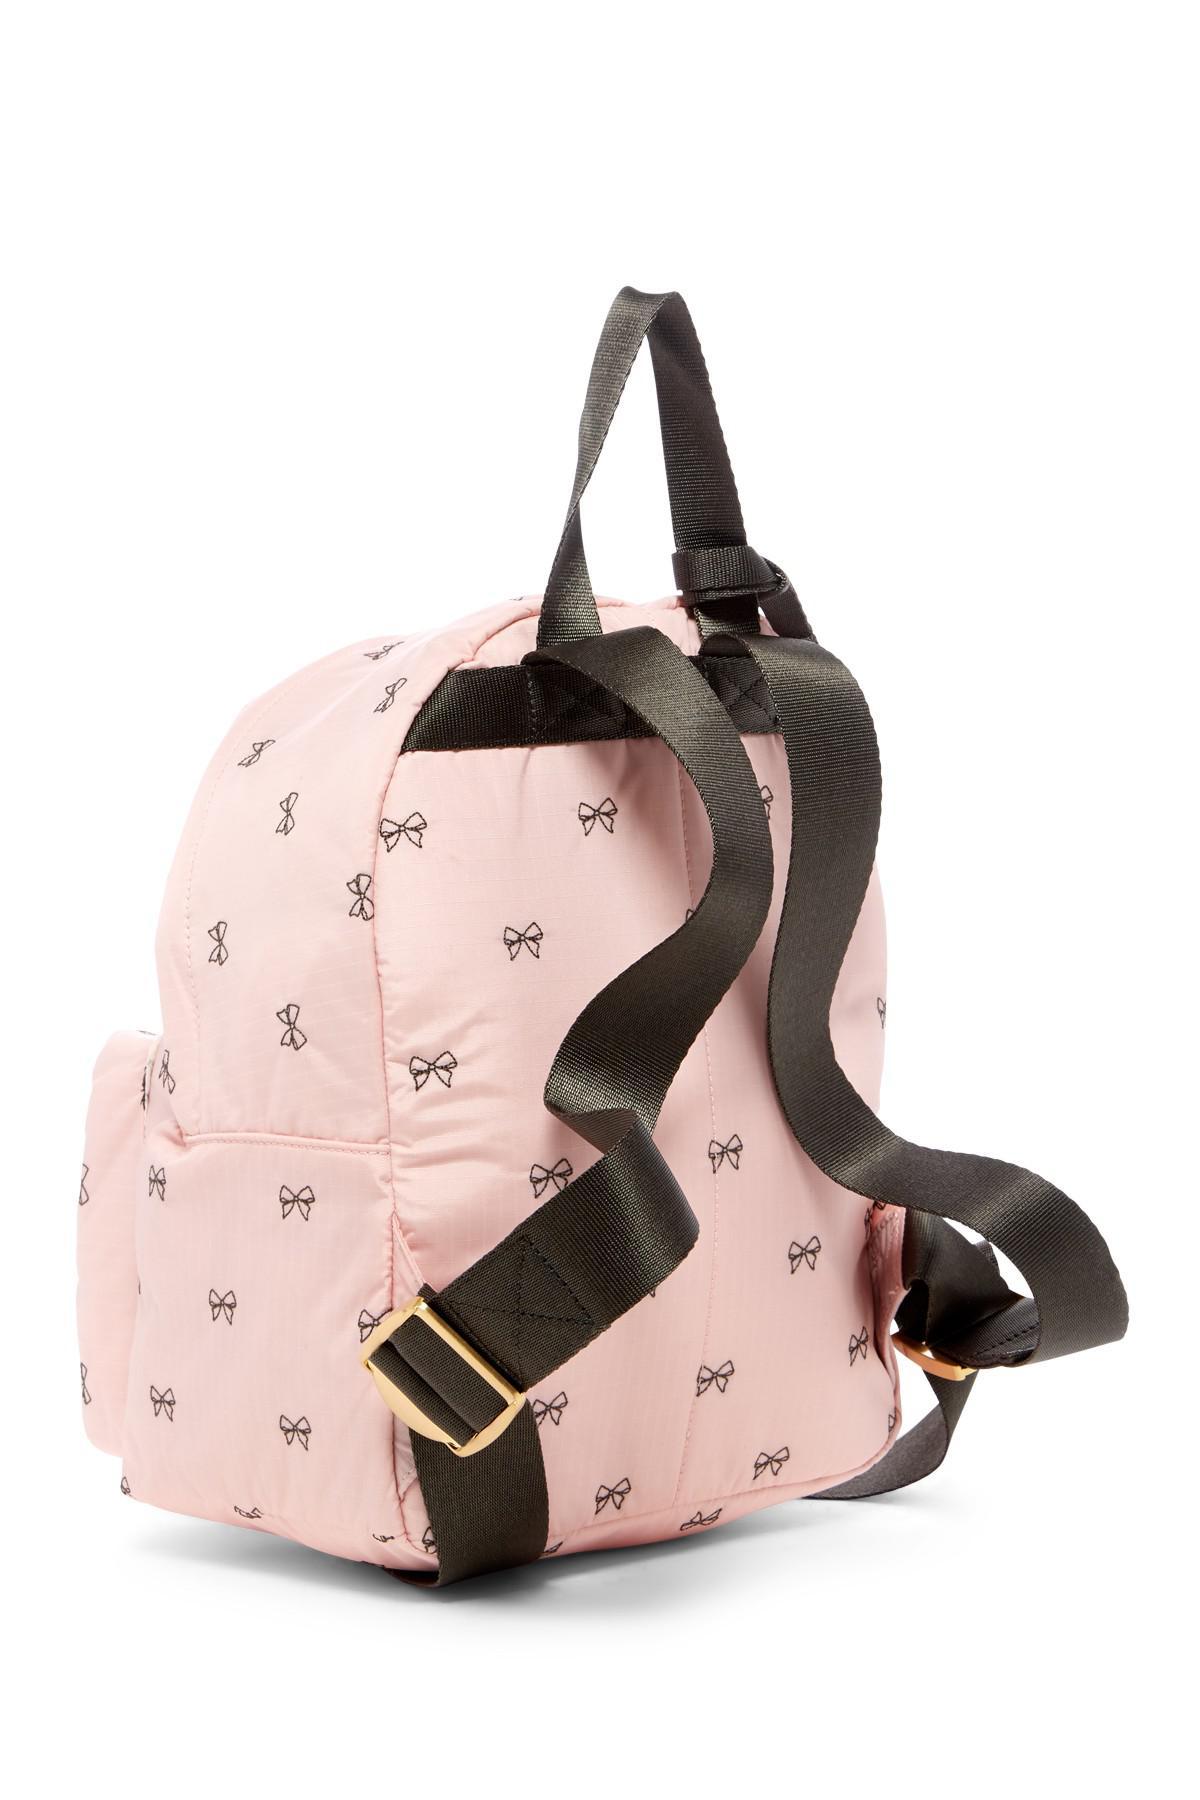 5cdfaf95aa67 Lesportsac Cruising Backpack